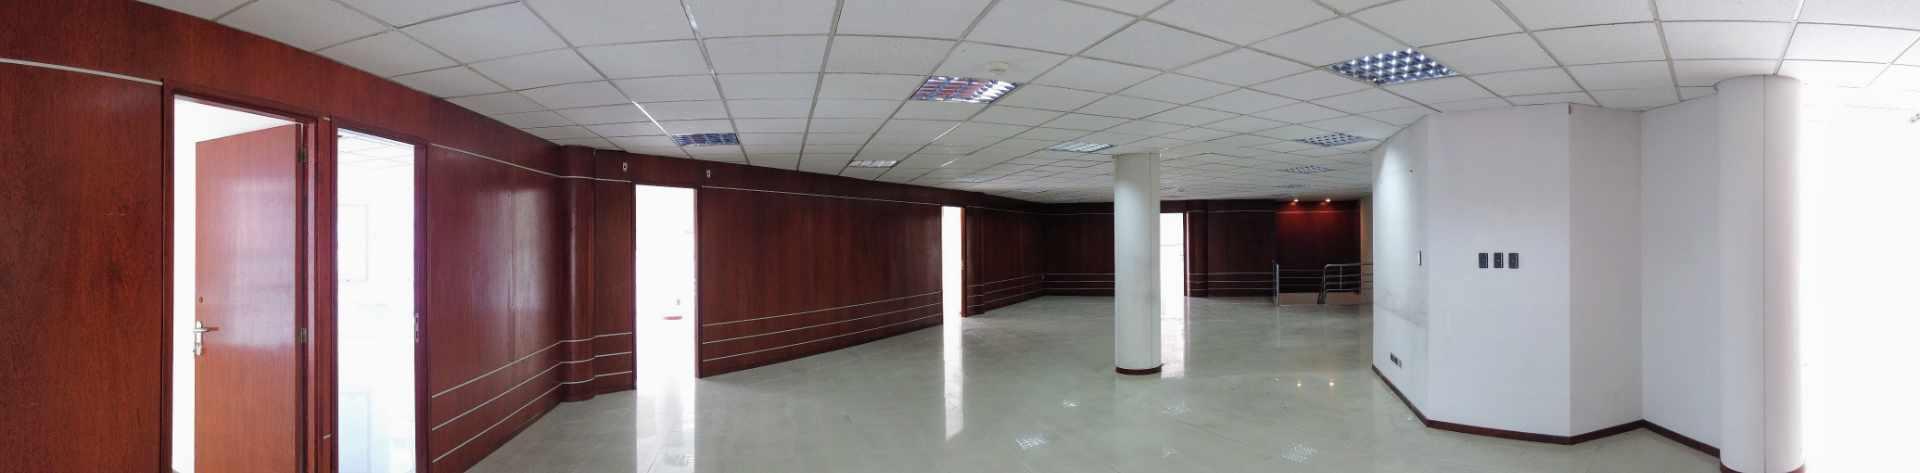 Oficina en Alquiler Av. Ballivian Esq. Calle 13 de Calacoto Foto 6